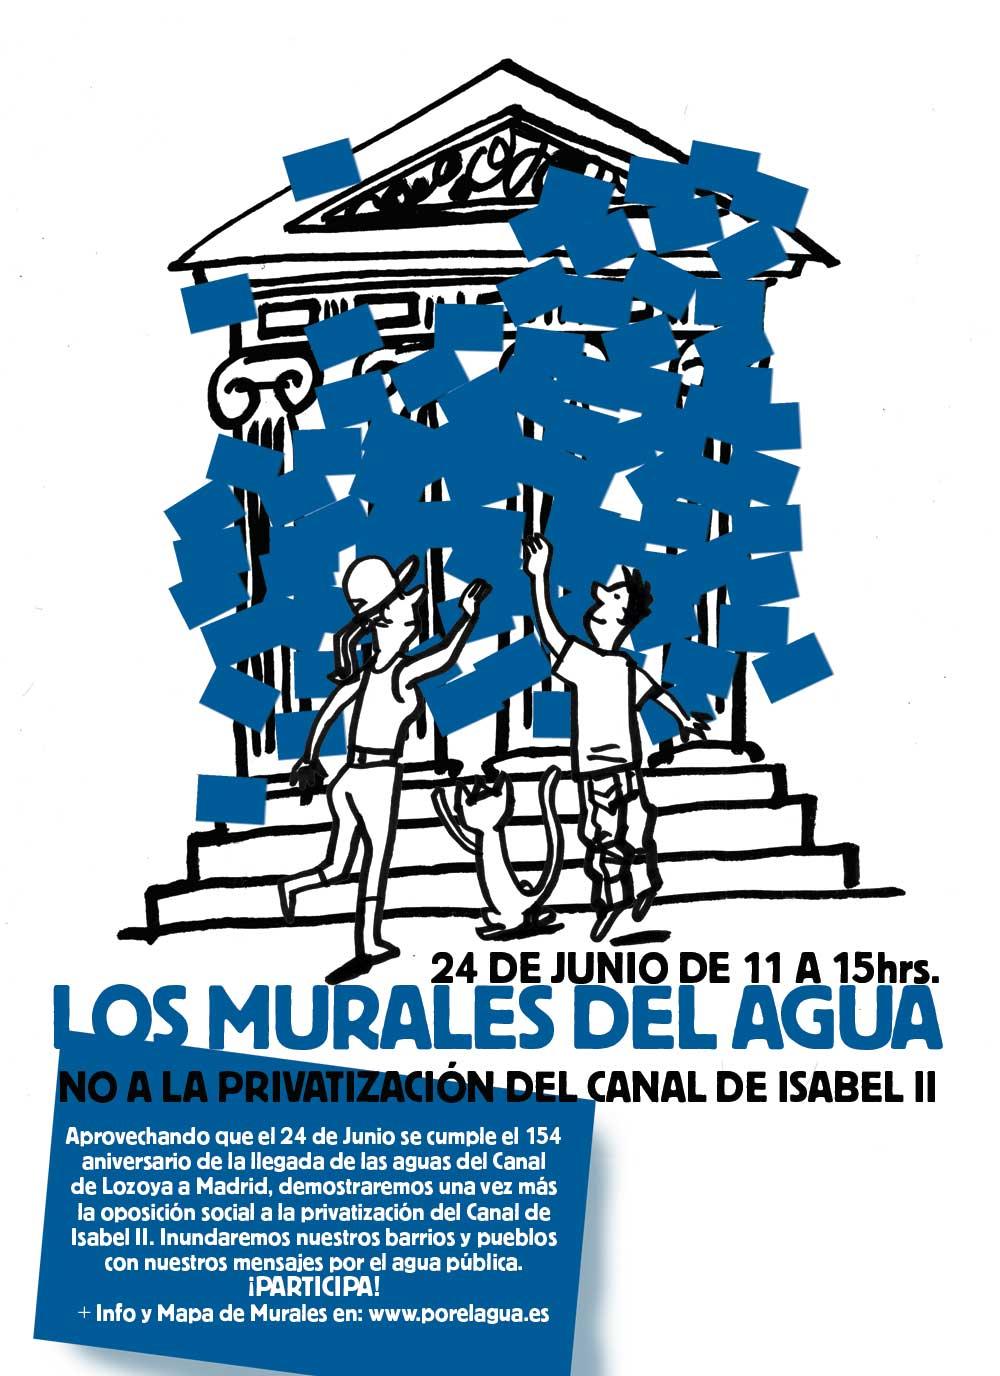 105 murales colectivos reivindicarán un referéndum vinculante sobre la gestión del Canal de Isabel II